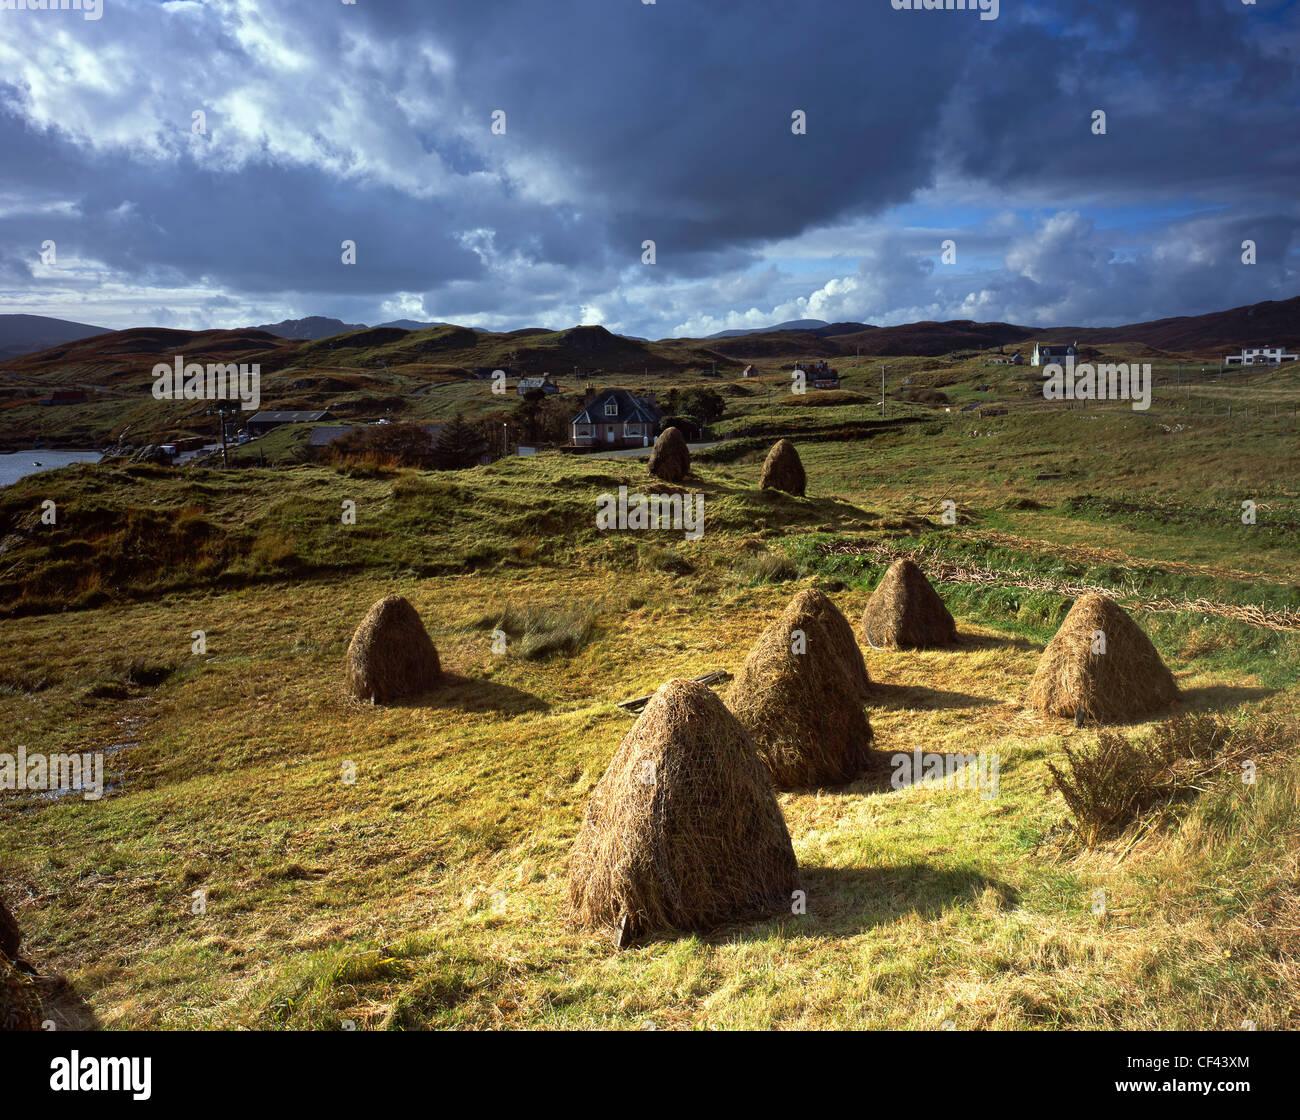 Blick über traditionelle handgefertigte Heuschober in einem Feld in Richtung der abgelegenen Dorf Tarbert auf Stockbild